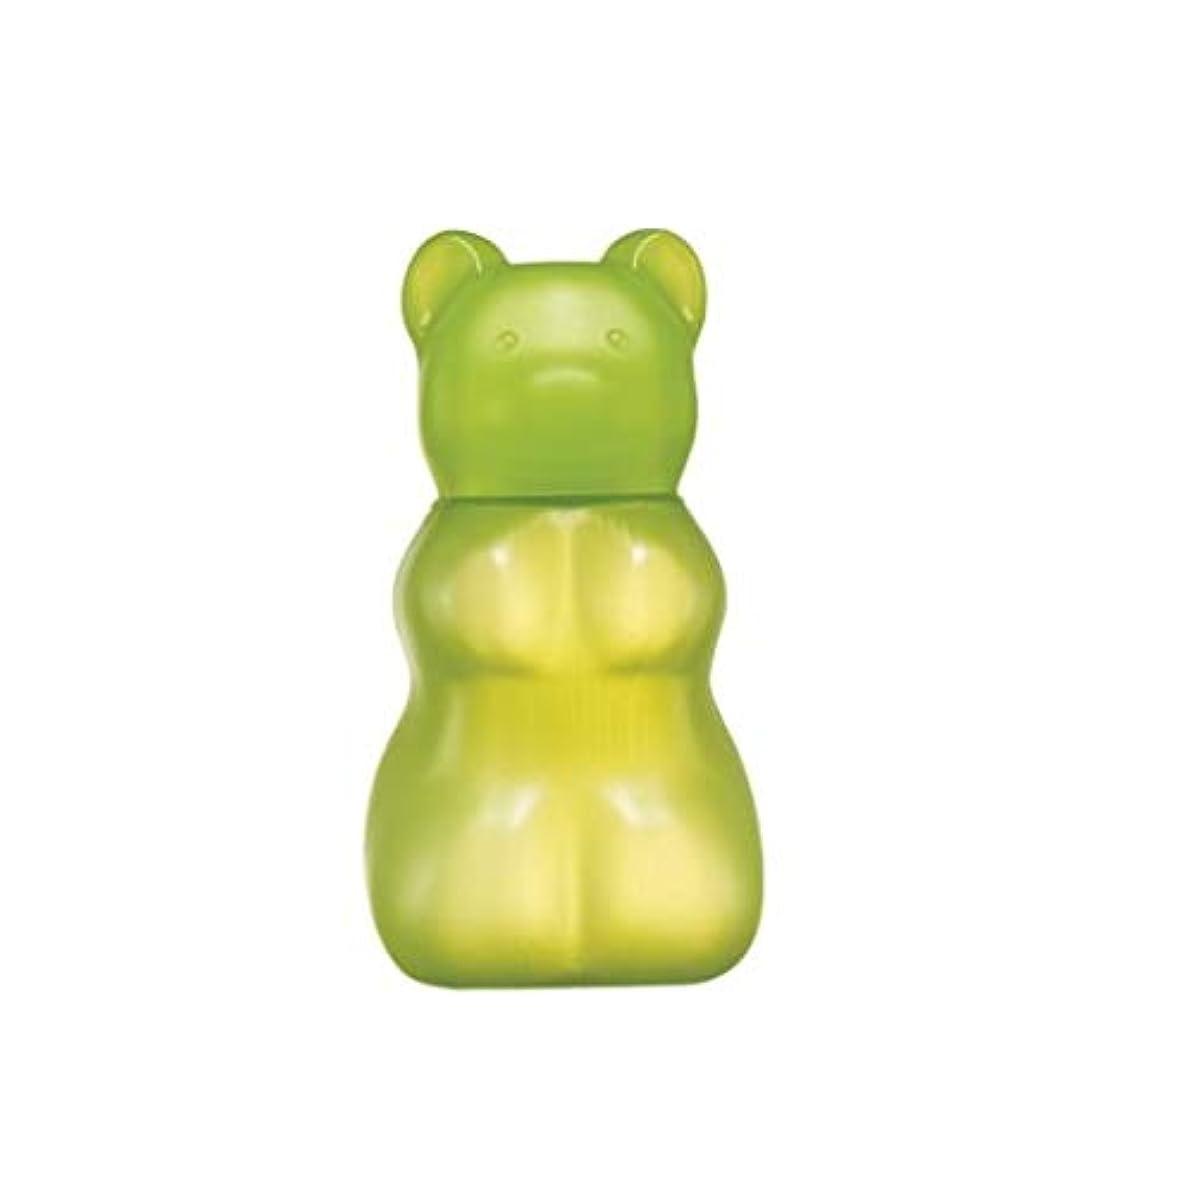 多様な最終的に廃棄Skinfood グミベアゼリークリーンジェル(アップル)#キーウィ(ハンドジェル) / Gummy Bear Jelly Clean Gel (Apple) #Kiwi (Hand Gel) 45ml [並行輸入品]